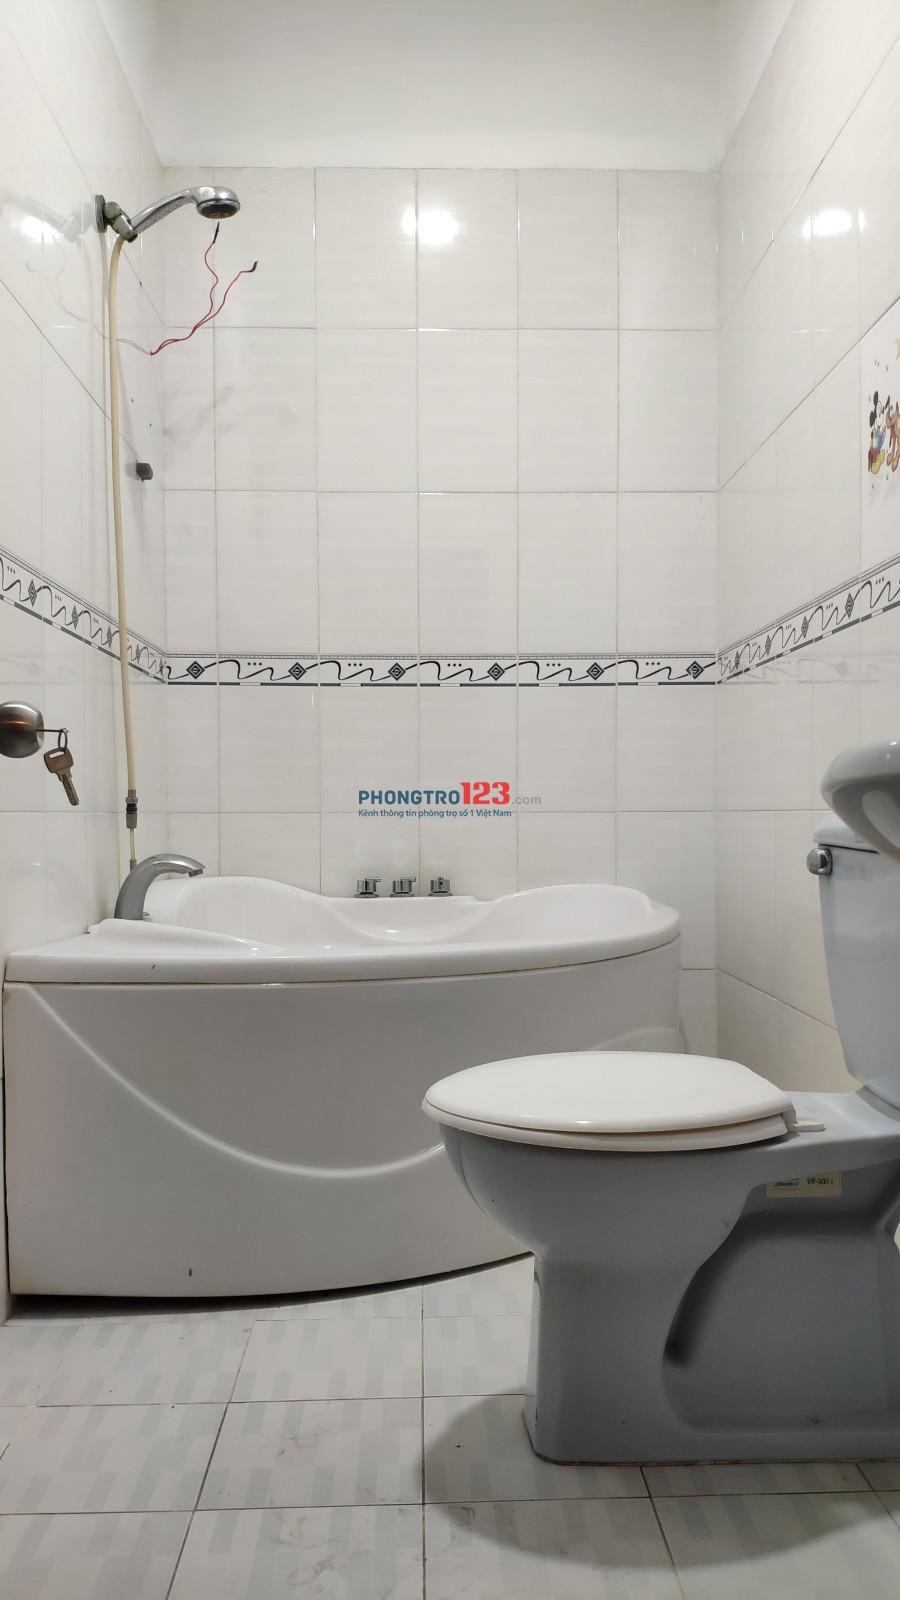 Căn hộ mini sát mặt tiền Võ Thị Sáu - tiện ích đầy đủ - full nội thất - ở ngắn dài hạn - bạn công - từ 4,7tr đến 7,5tr